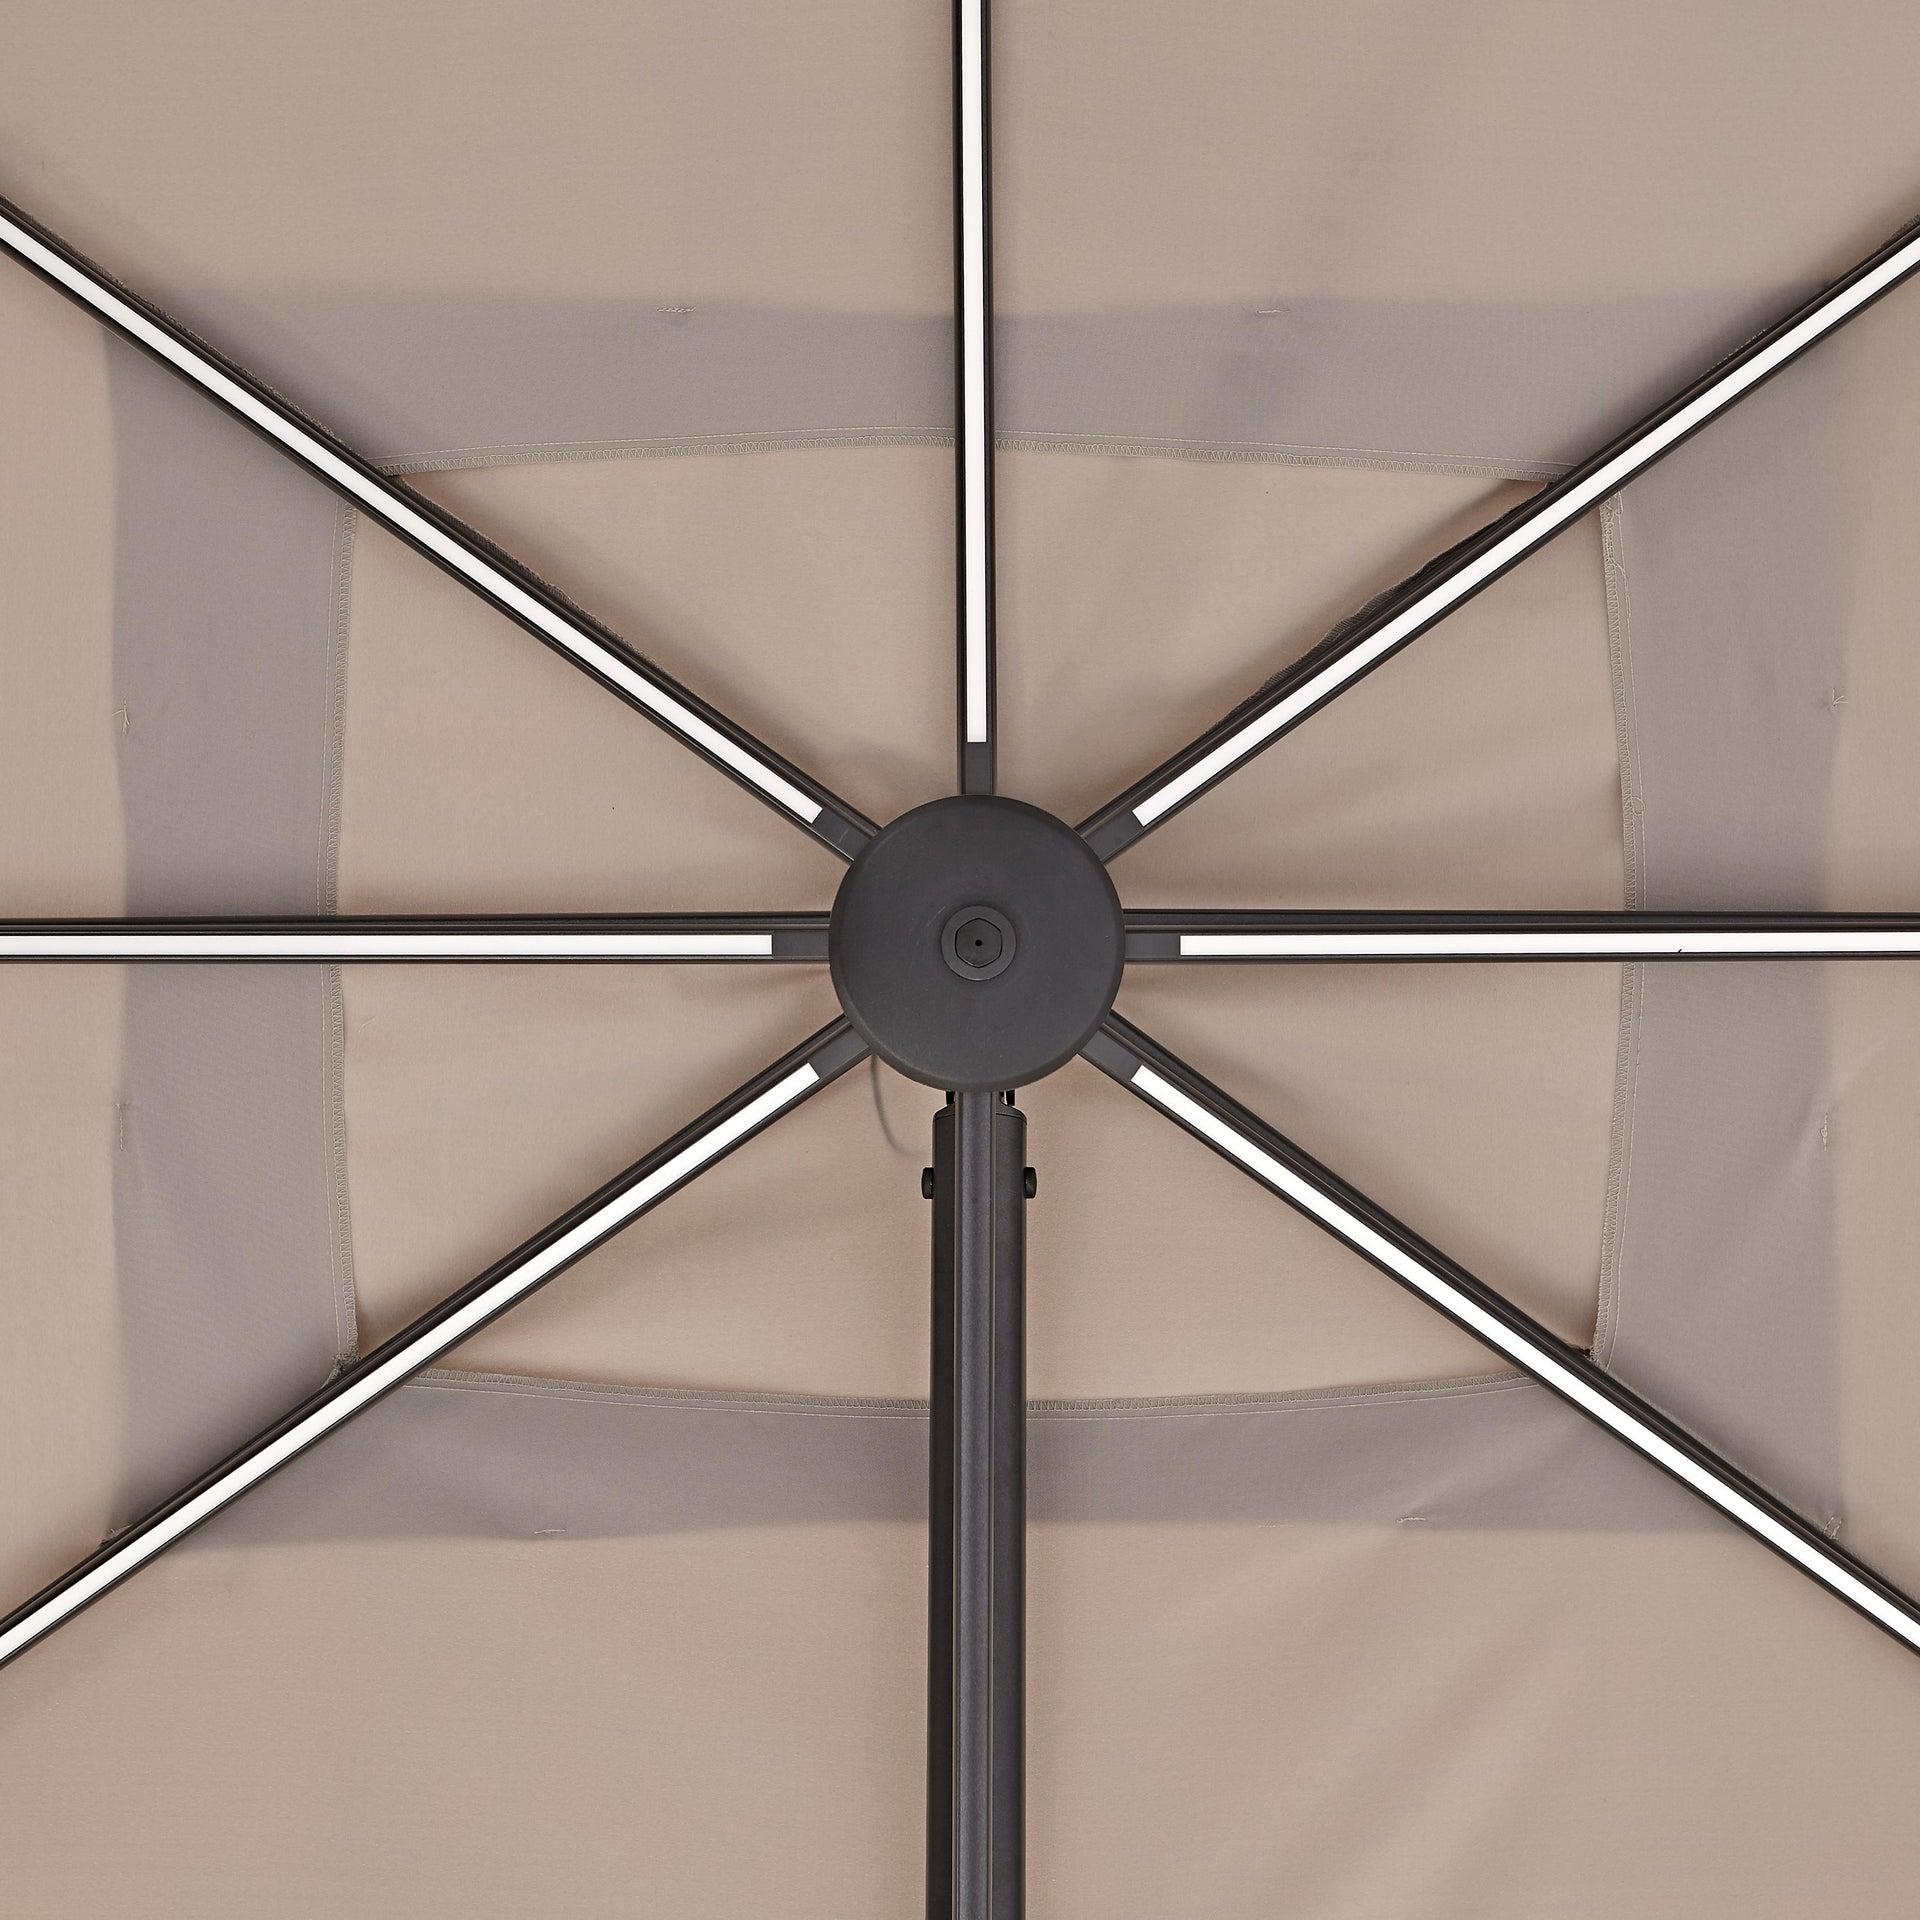 Ombrellone NATERIAL Sonora L 2.82 x P 3.91 m color tortora - 21